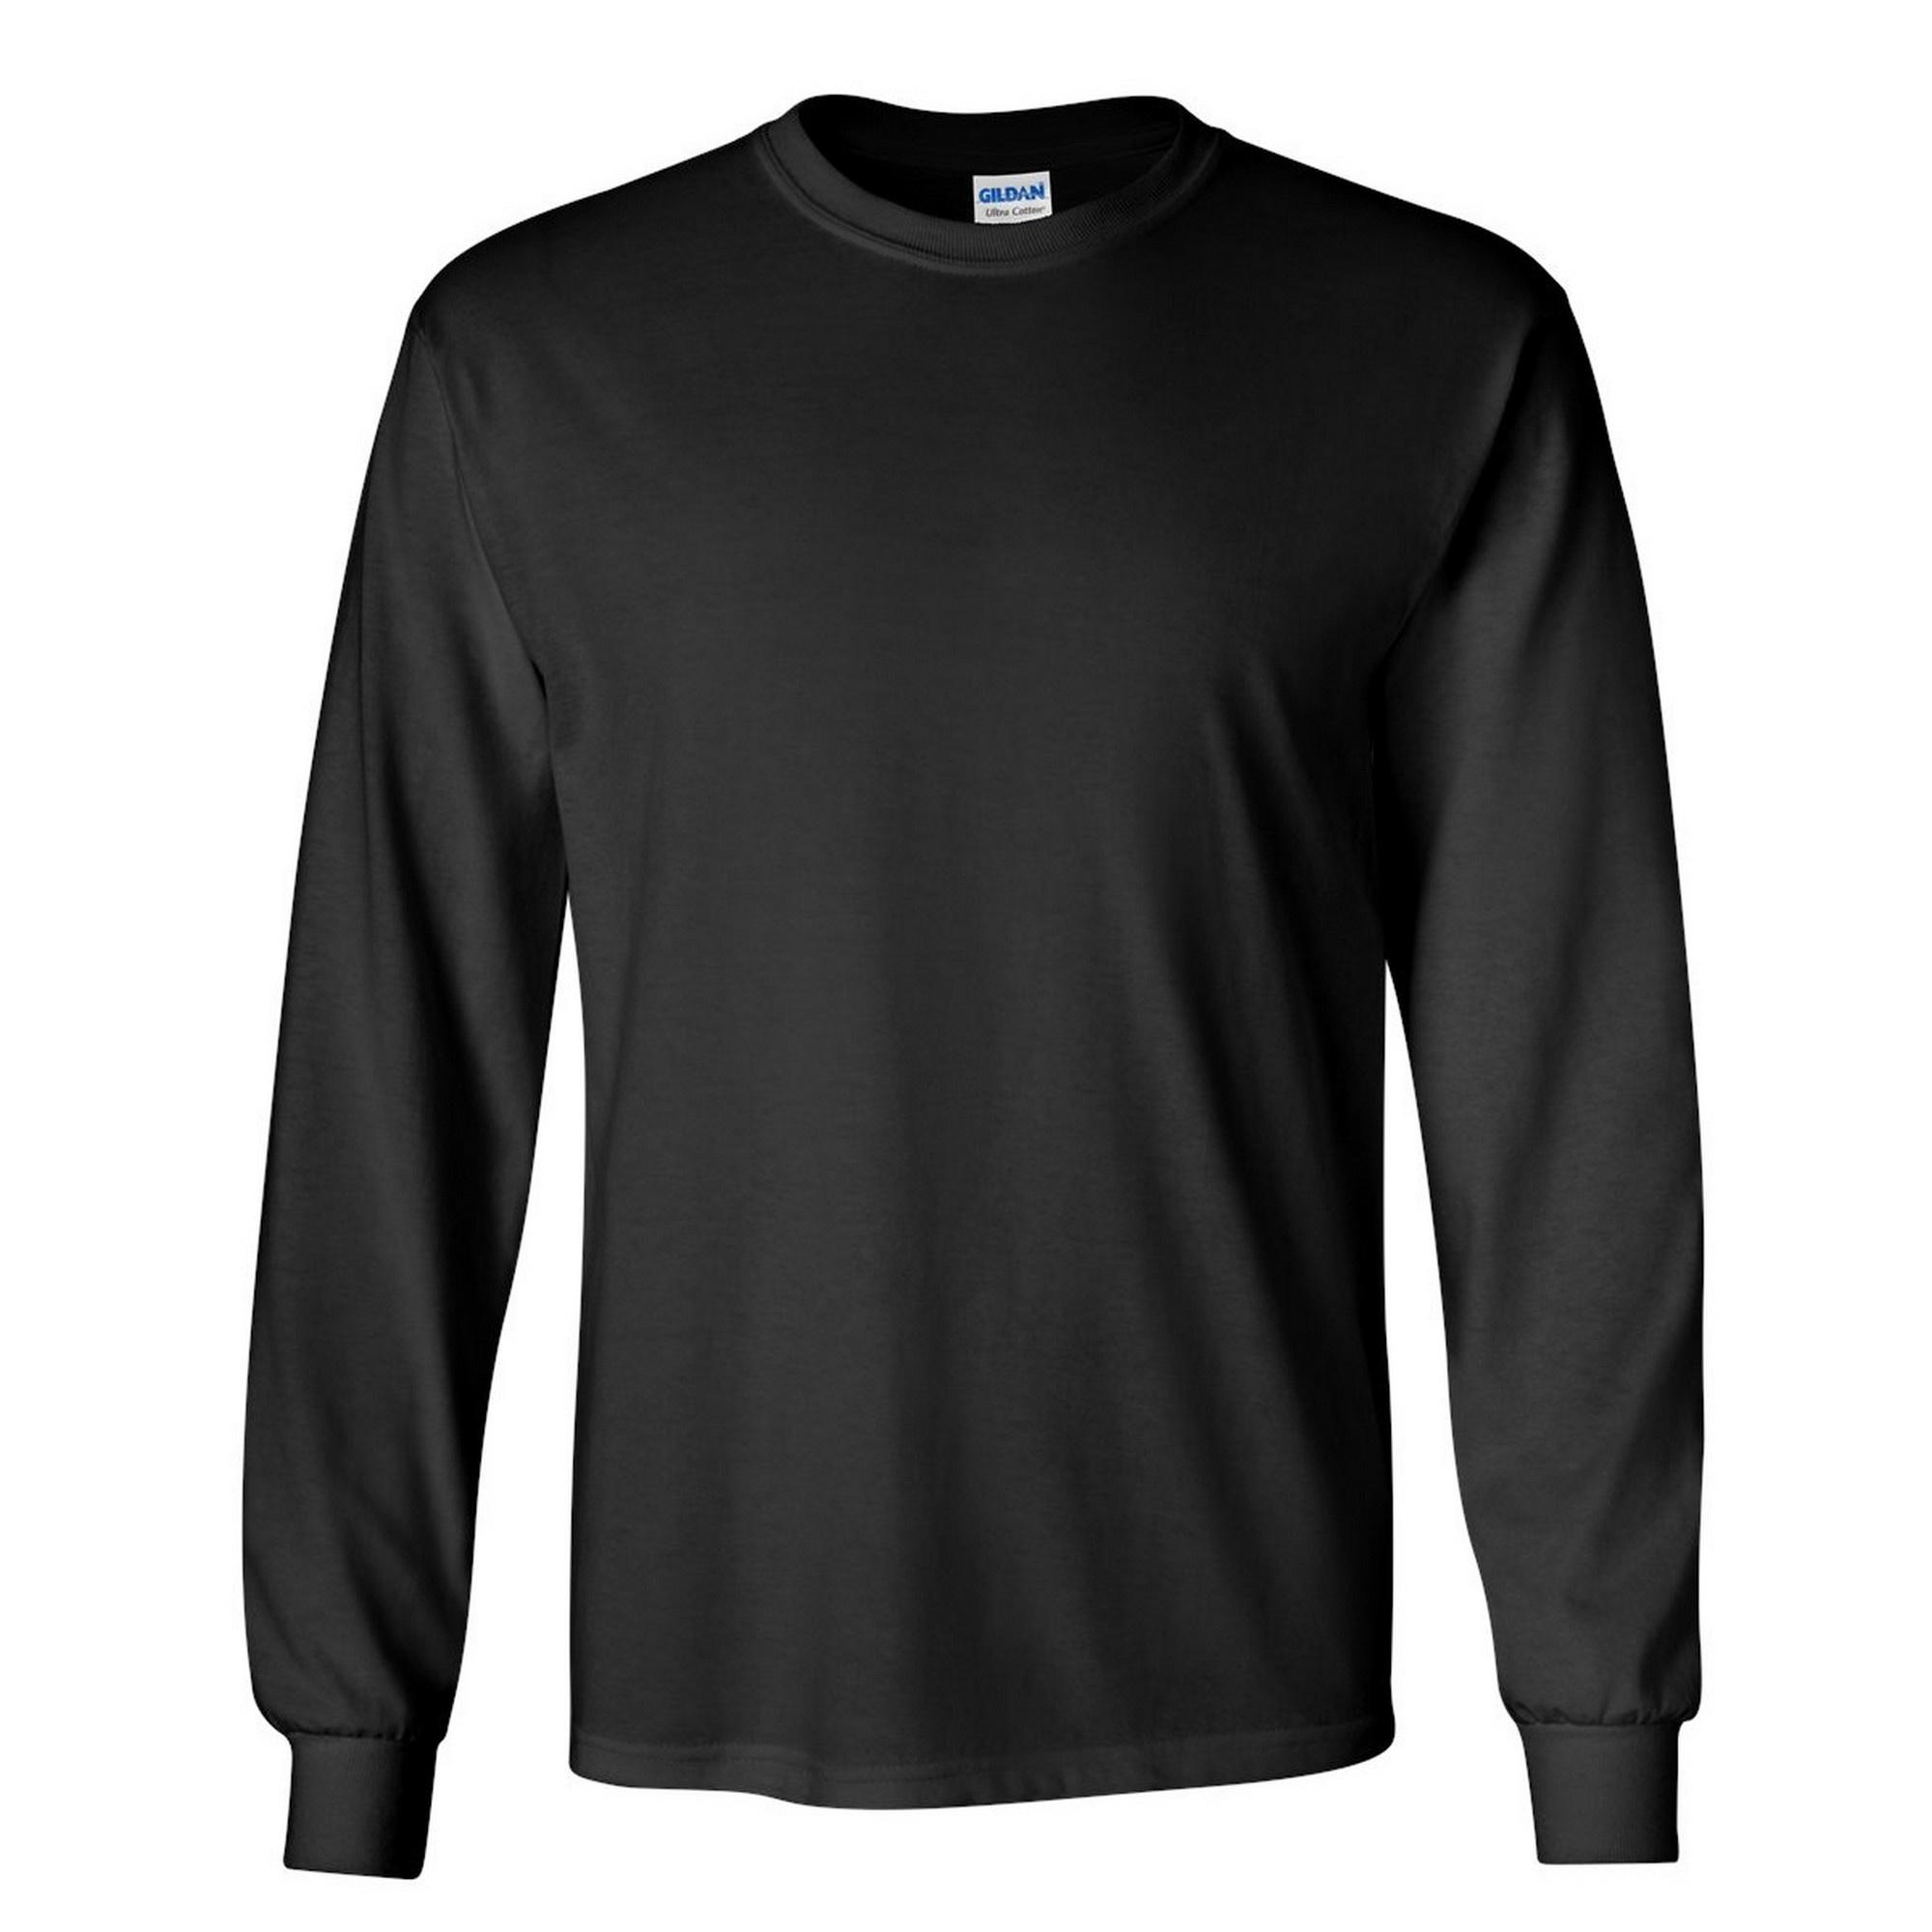 miniature 77 - T-shirt-uni-a-manches-longues-Gildan-100-coton-pour-homme-S-2XL-BC477